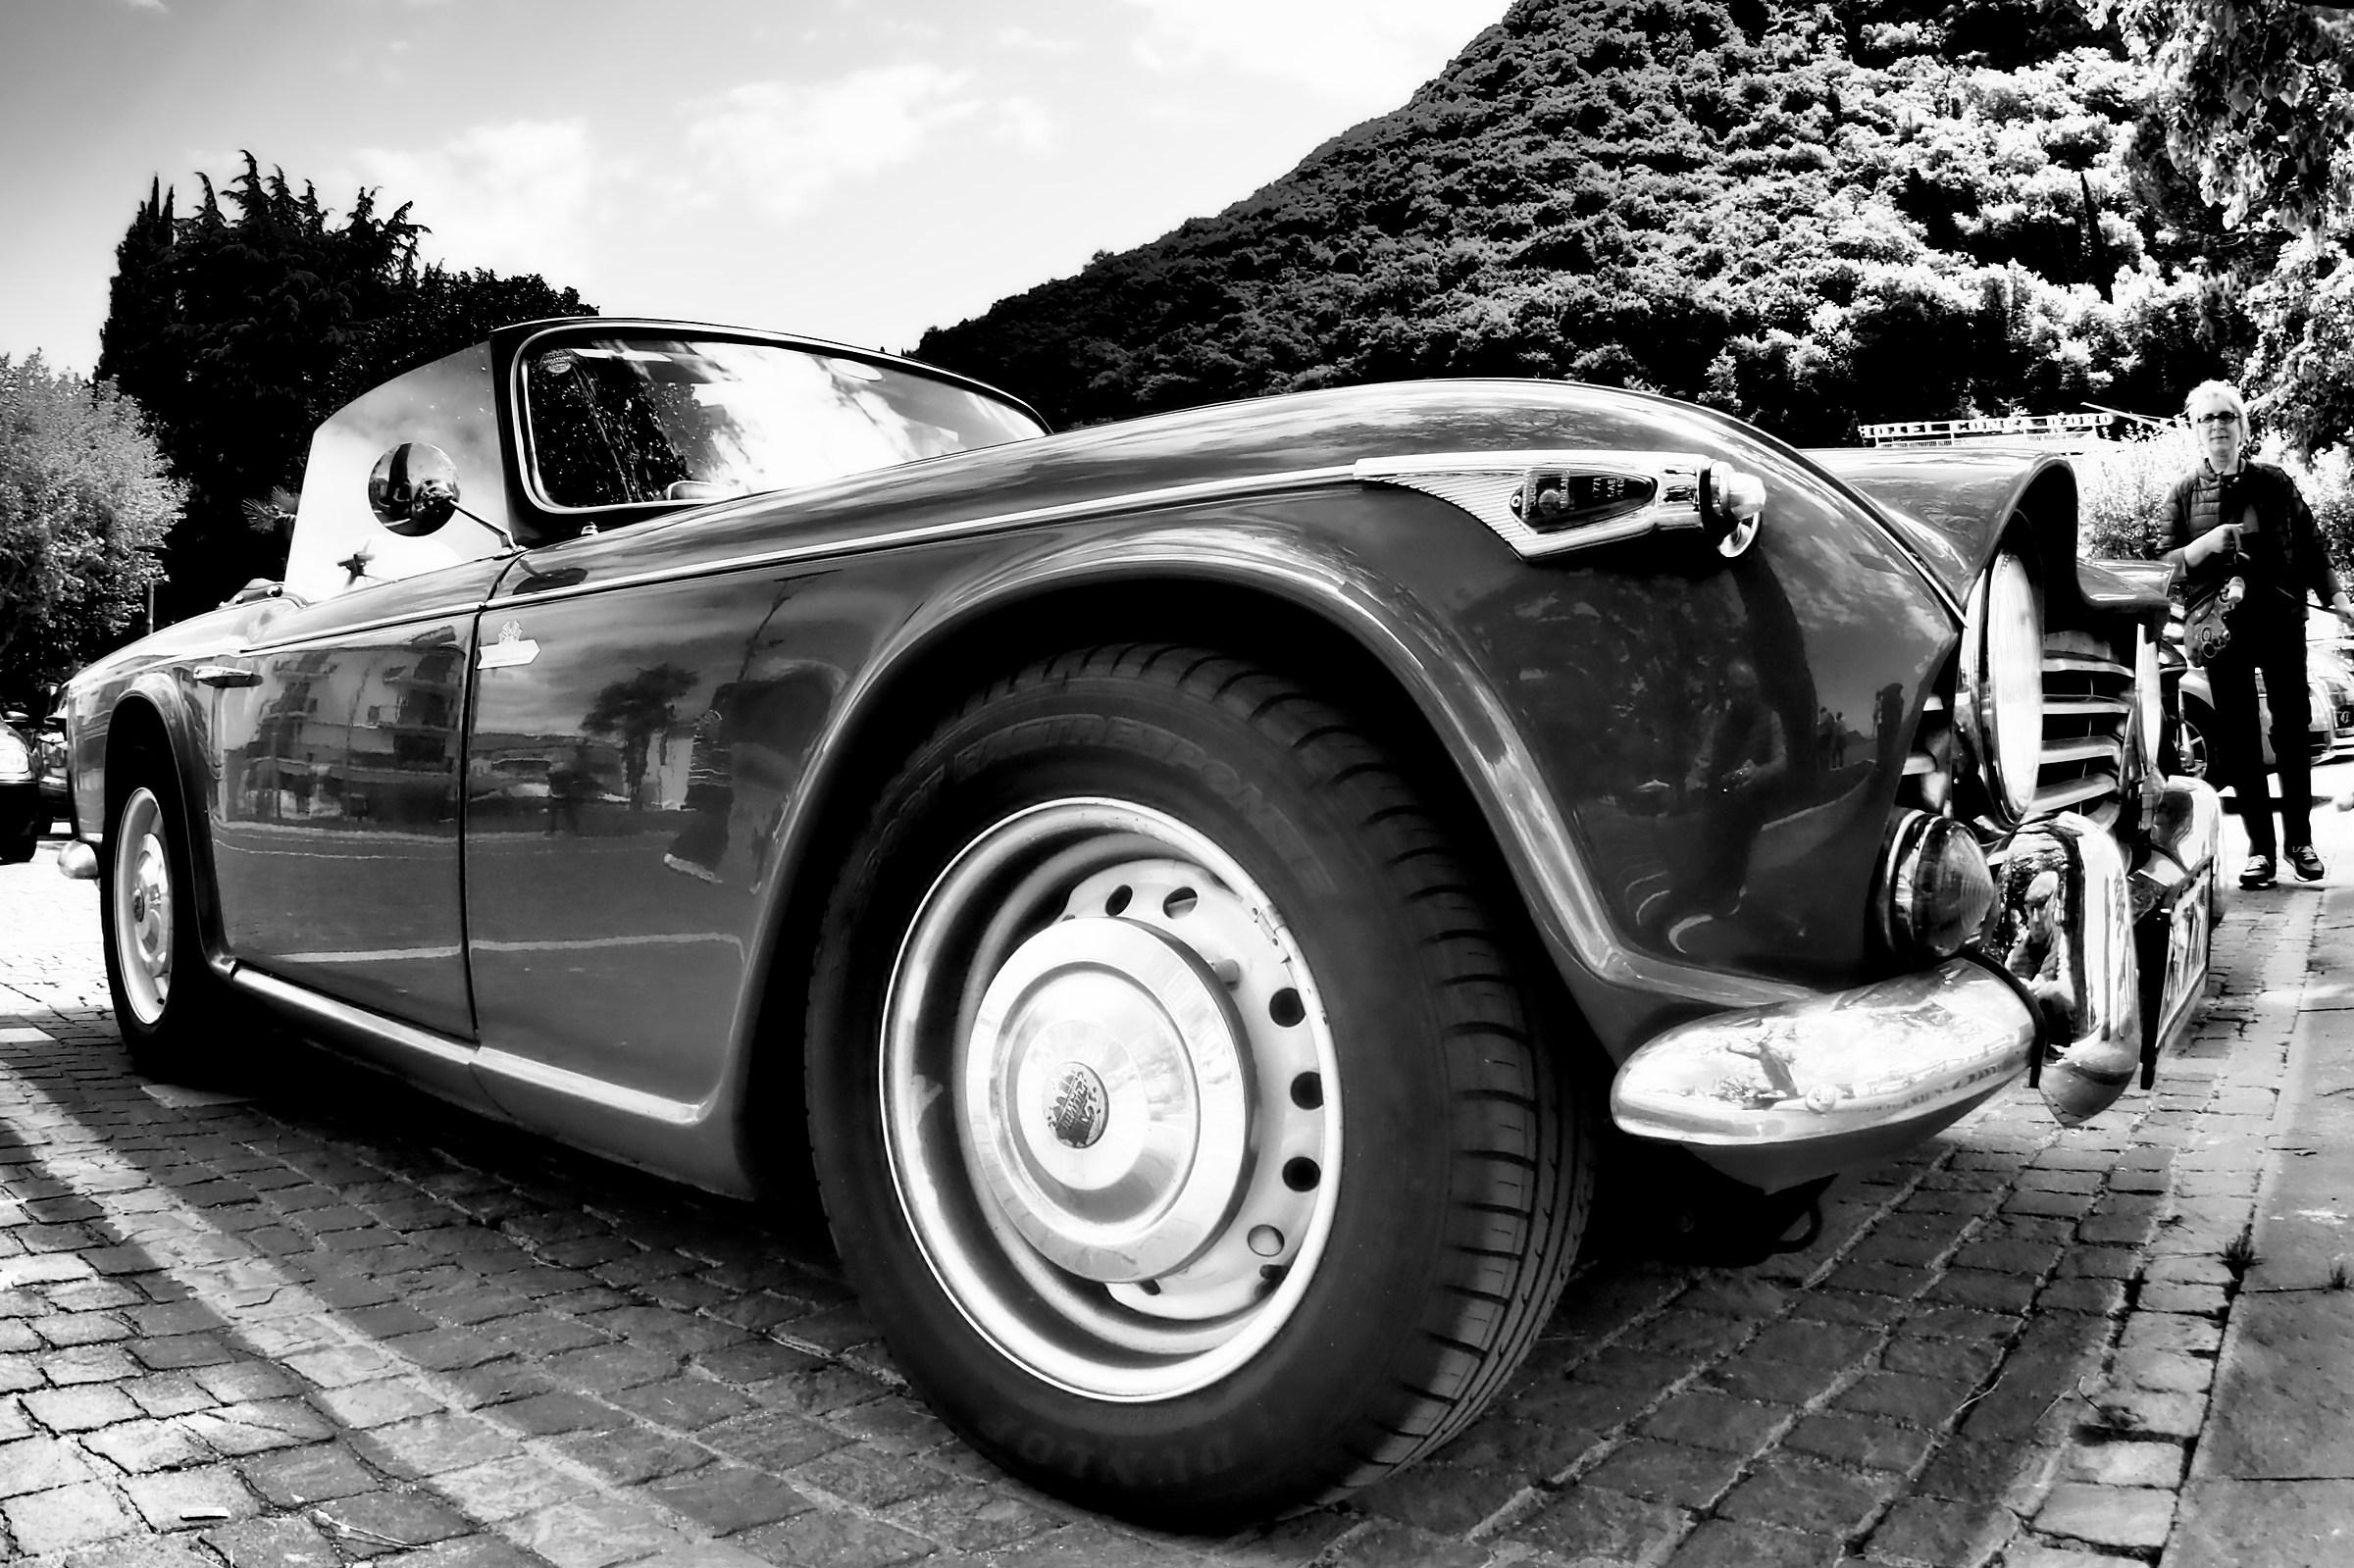 The car...